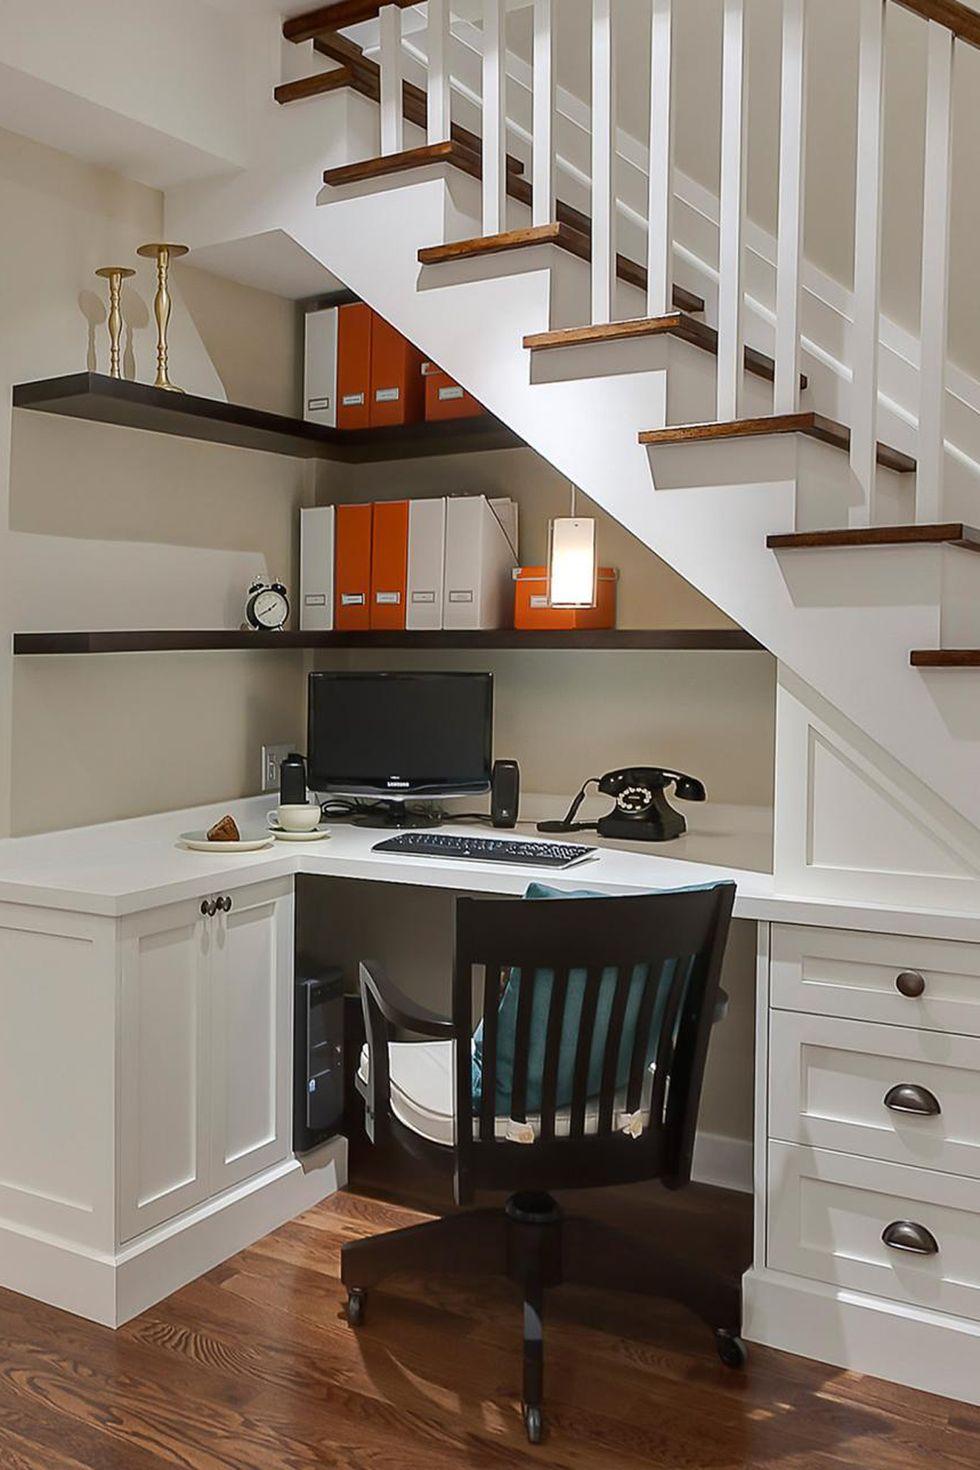 Домашен офис под стълбите. Как да използваме пространството под стълбите?